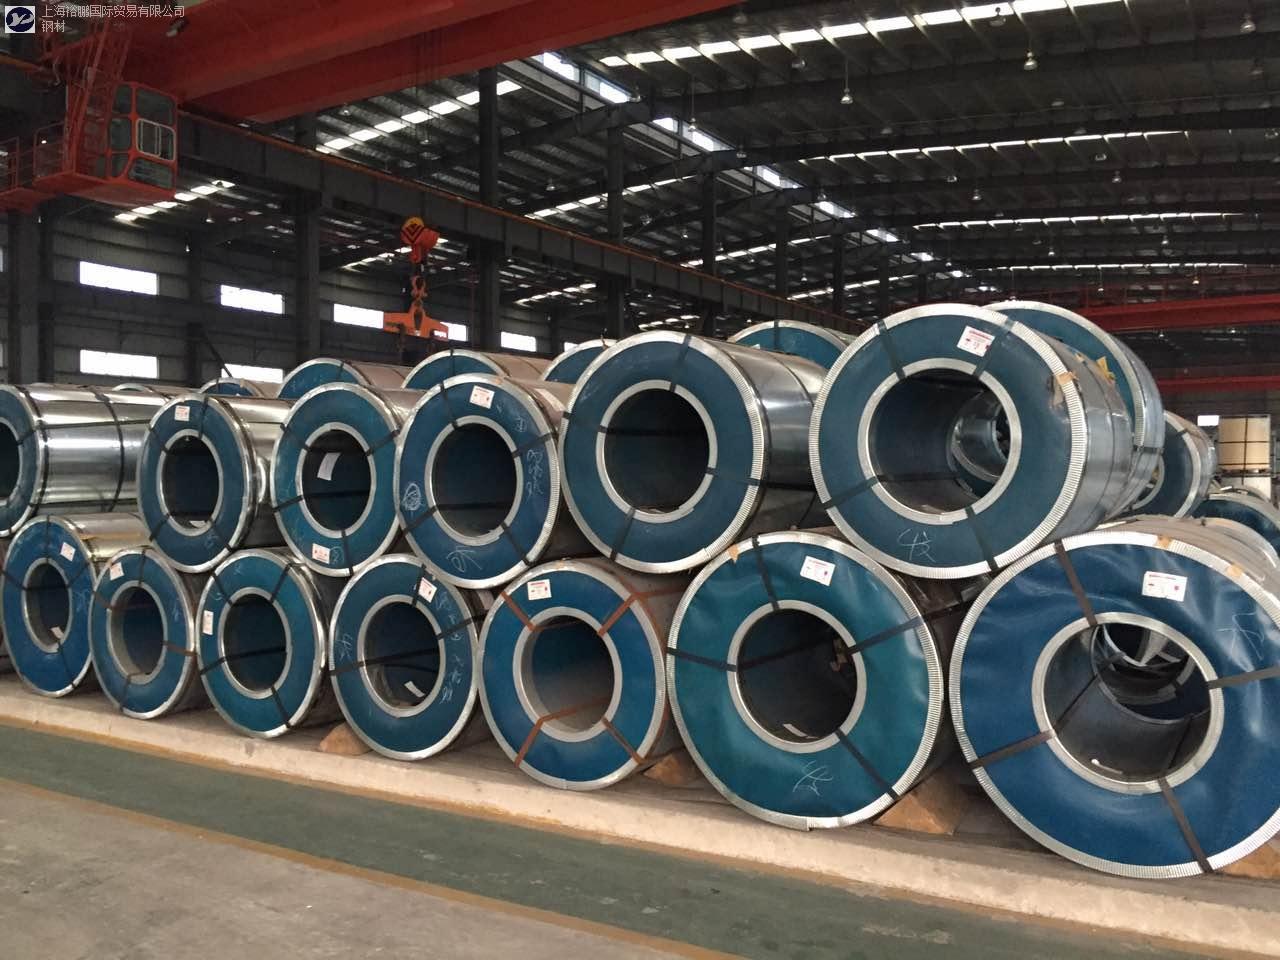 四川本地宝钢拉伸板生产厂家 创造辉煌「上海裕鹏国际贸易供应」